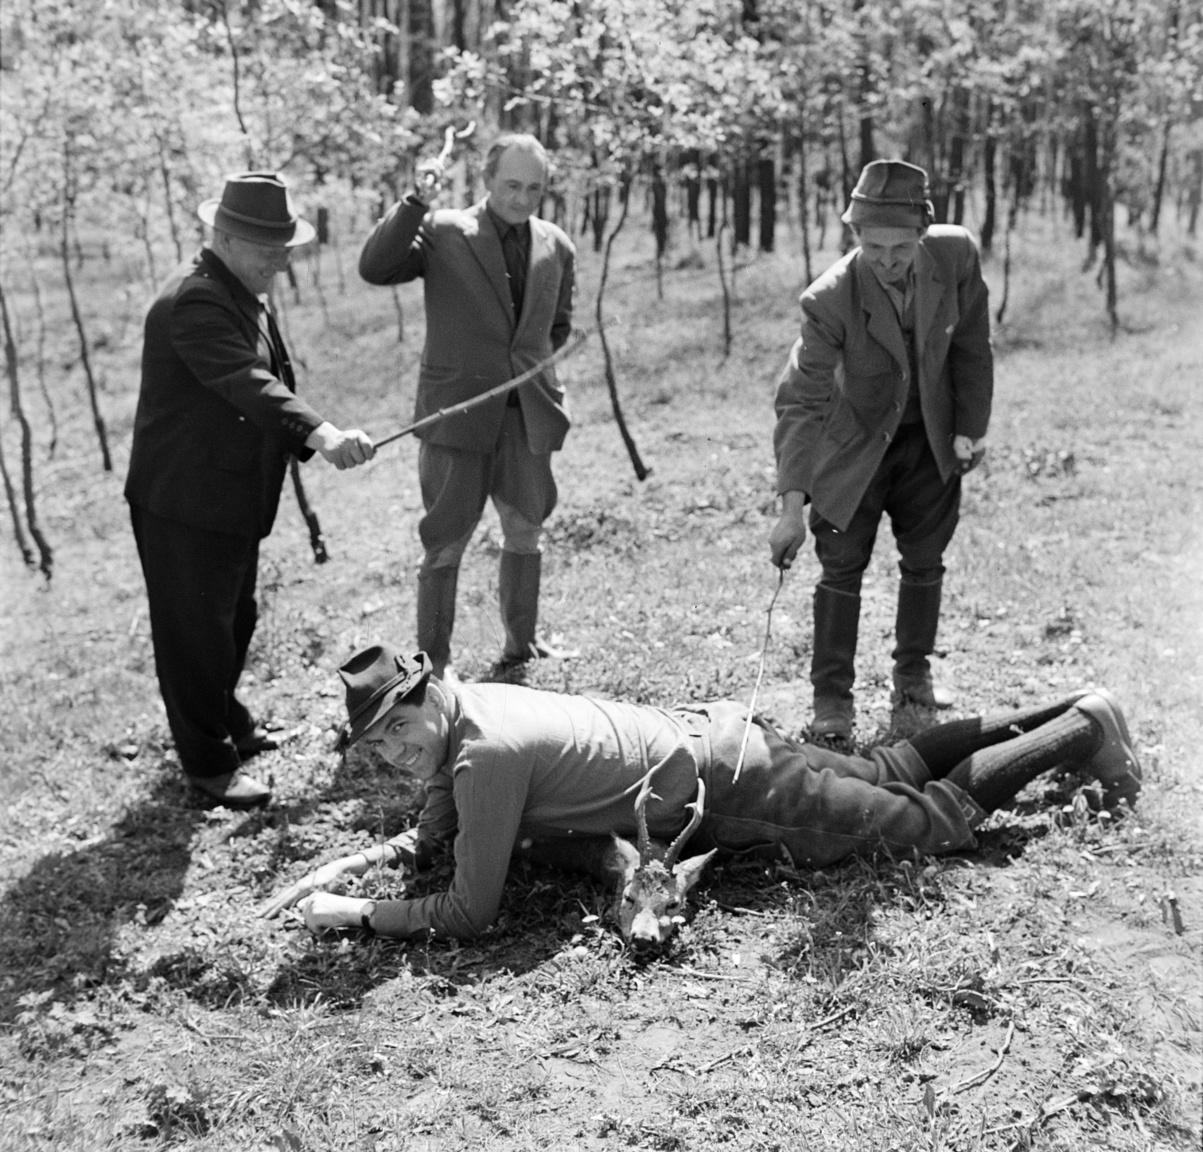 Nyugatnémet kapitalista átesik a vadász-beavatási szertartáson a debreceni Nagyerdőn, 1965Az első önállóan elejtett vad utáni beavatás réges-régi hagyomány, a tapasztalt vadász eredetileg  a vad mellé térdepeltette az újoncot, és bal vállát az akkoriban használatos elöltöltő puska töltő-vesszőjével háromszor megérintve elmondta a vadásszá fogadás szövegét. Mire a nyugatnémet vadászturizmus elérte a kádári Magyarországot, elfenekeléssé alakult a szokás, bár a három ütést Hansi is Szent Hubertus, a vadászok és a vadállomány nevében kapta. Bojár a Magyar Honvédelmi Sportszövetség (MHS) debreceni vadásztársaságának meghívására érkező külföldiekről készített képriportot a Magyar Vadásznak, ez a fotó végül nem jelent meg a szaklapban.